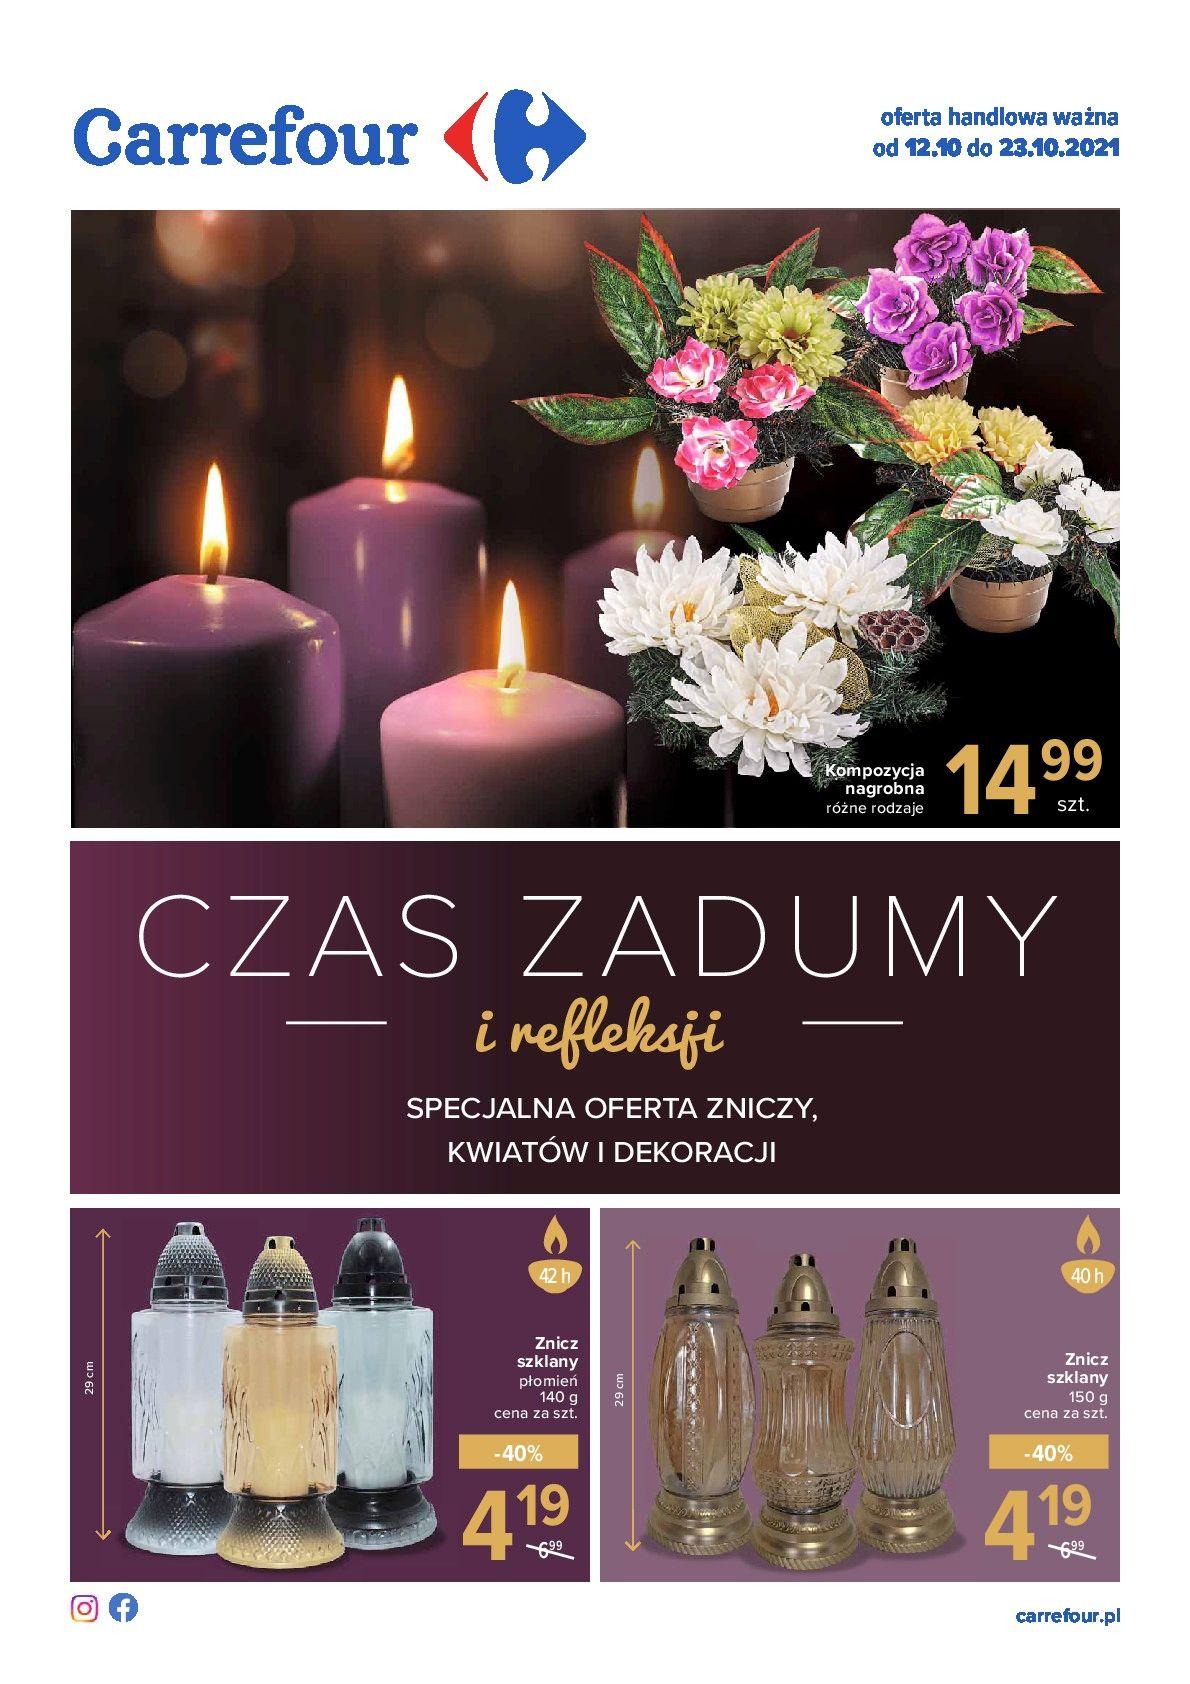 Gazetka Gazetka Kwiaty i znicze